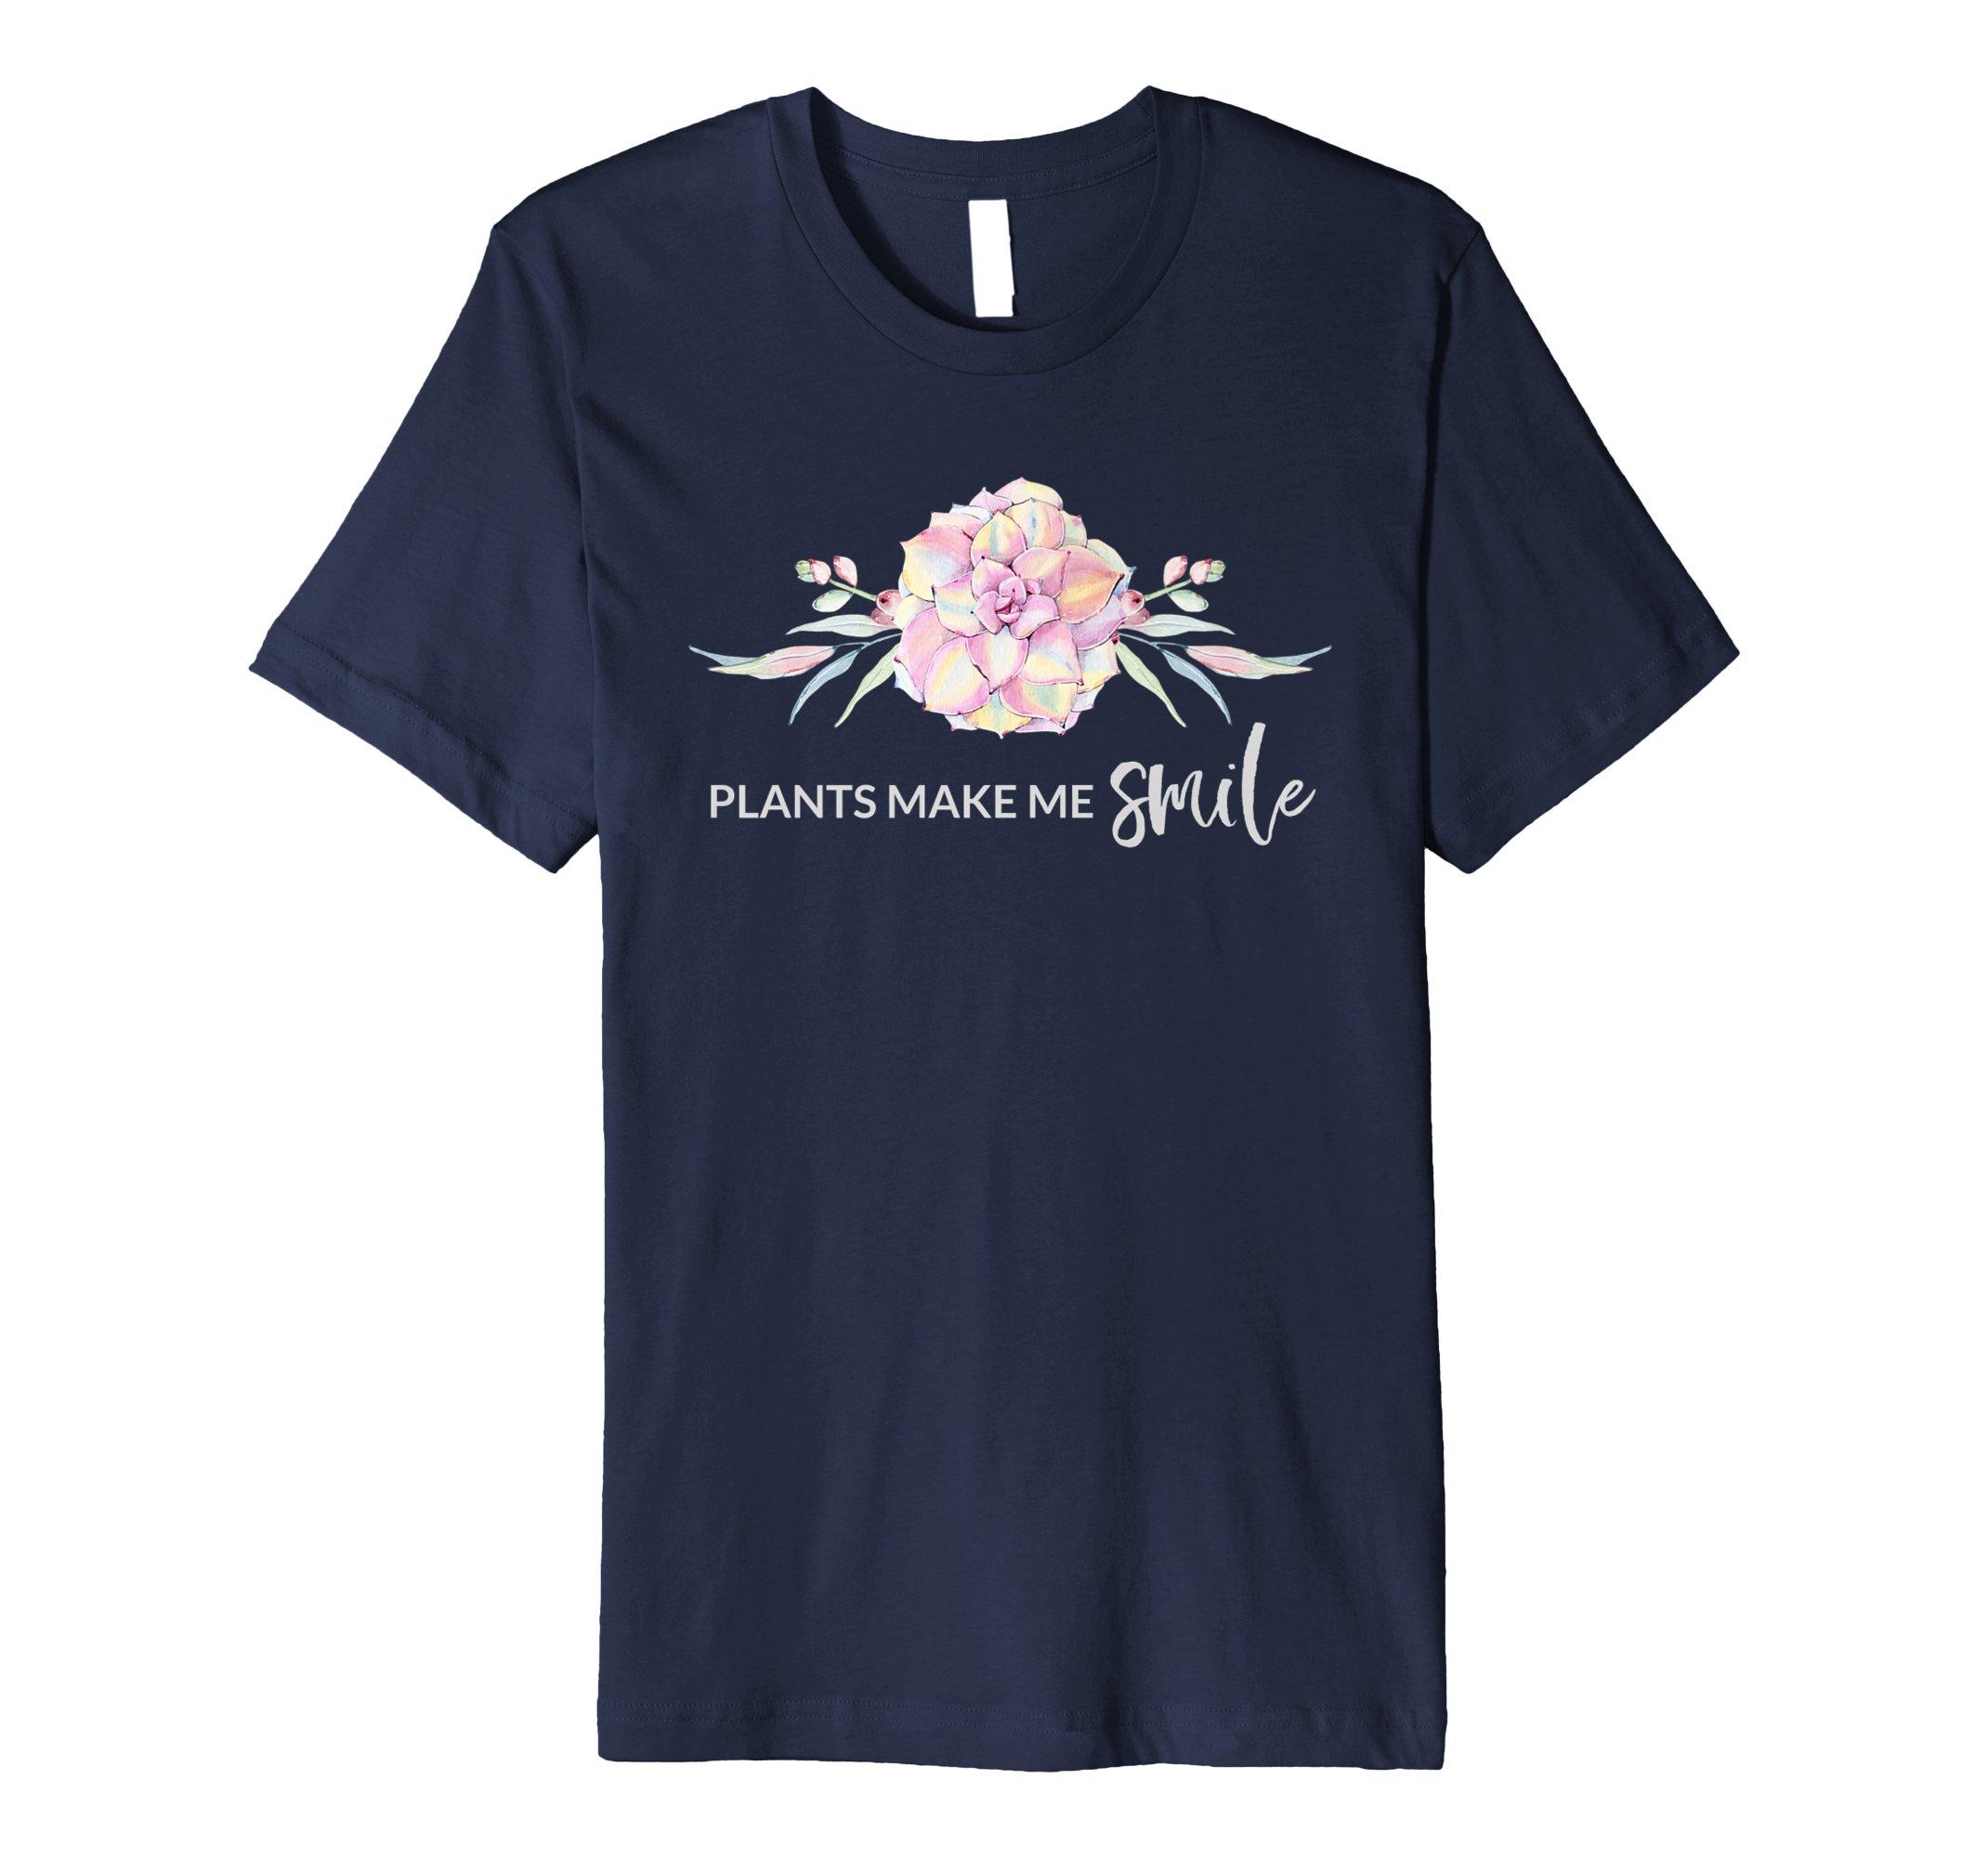 Plants Make Me Smile Gardening T-Shirt